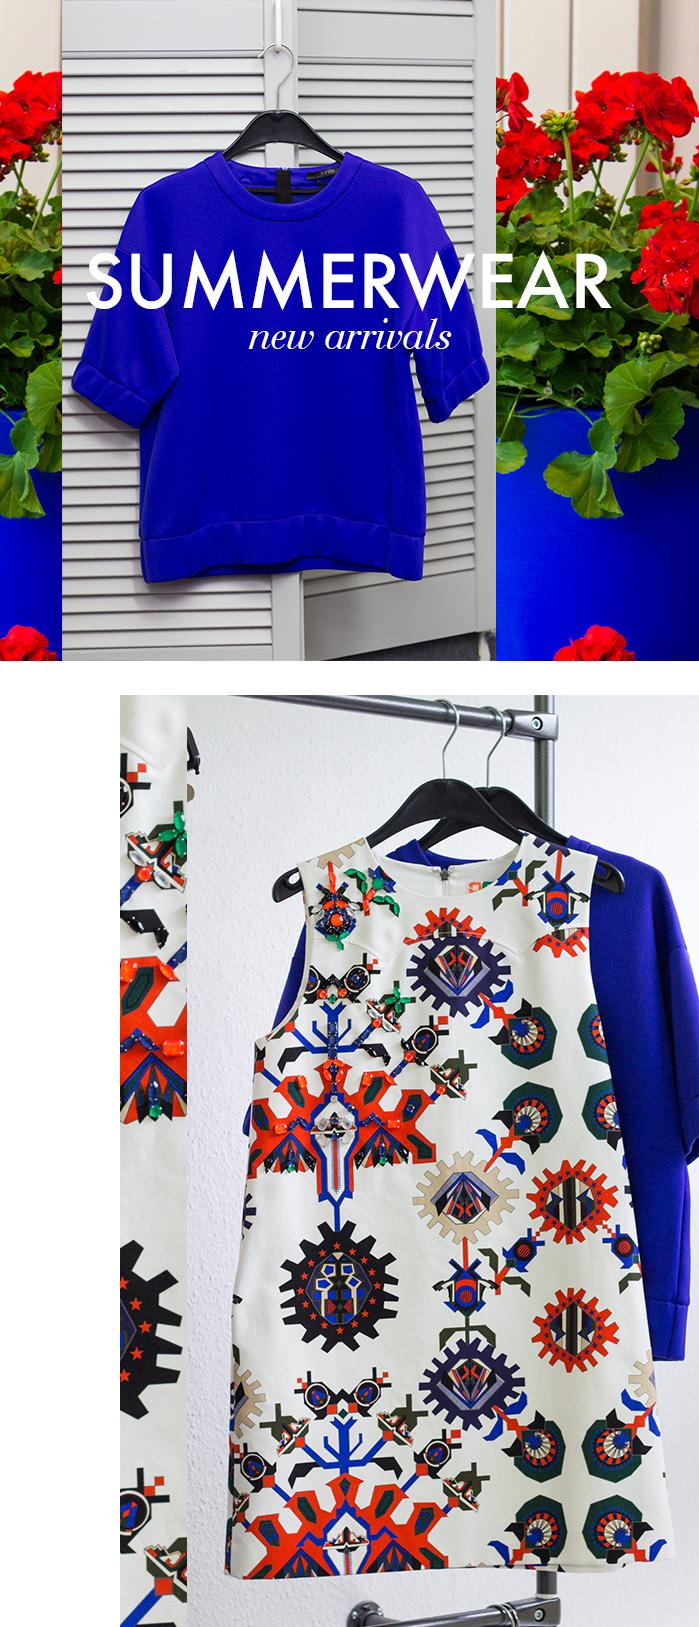 Summerwear 2017 - Odeeh, MSGM